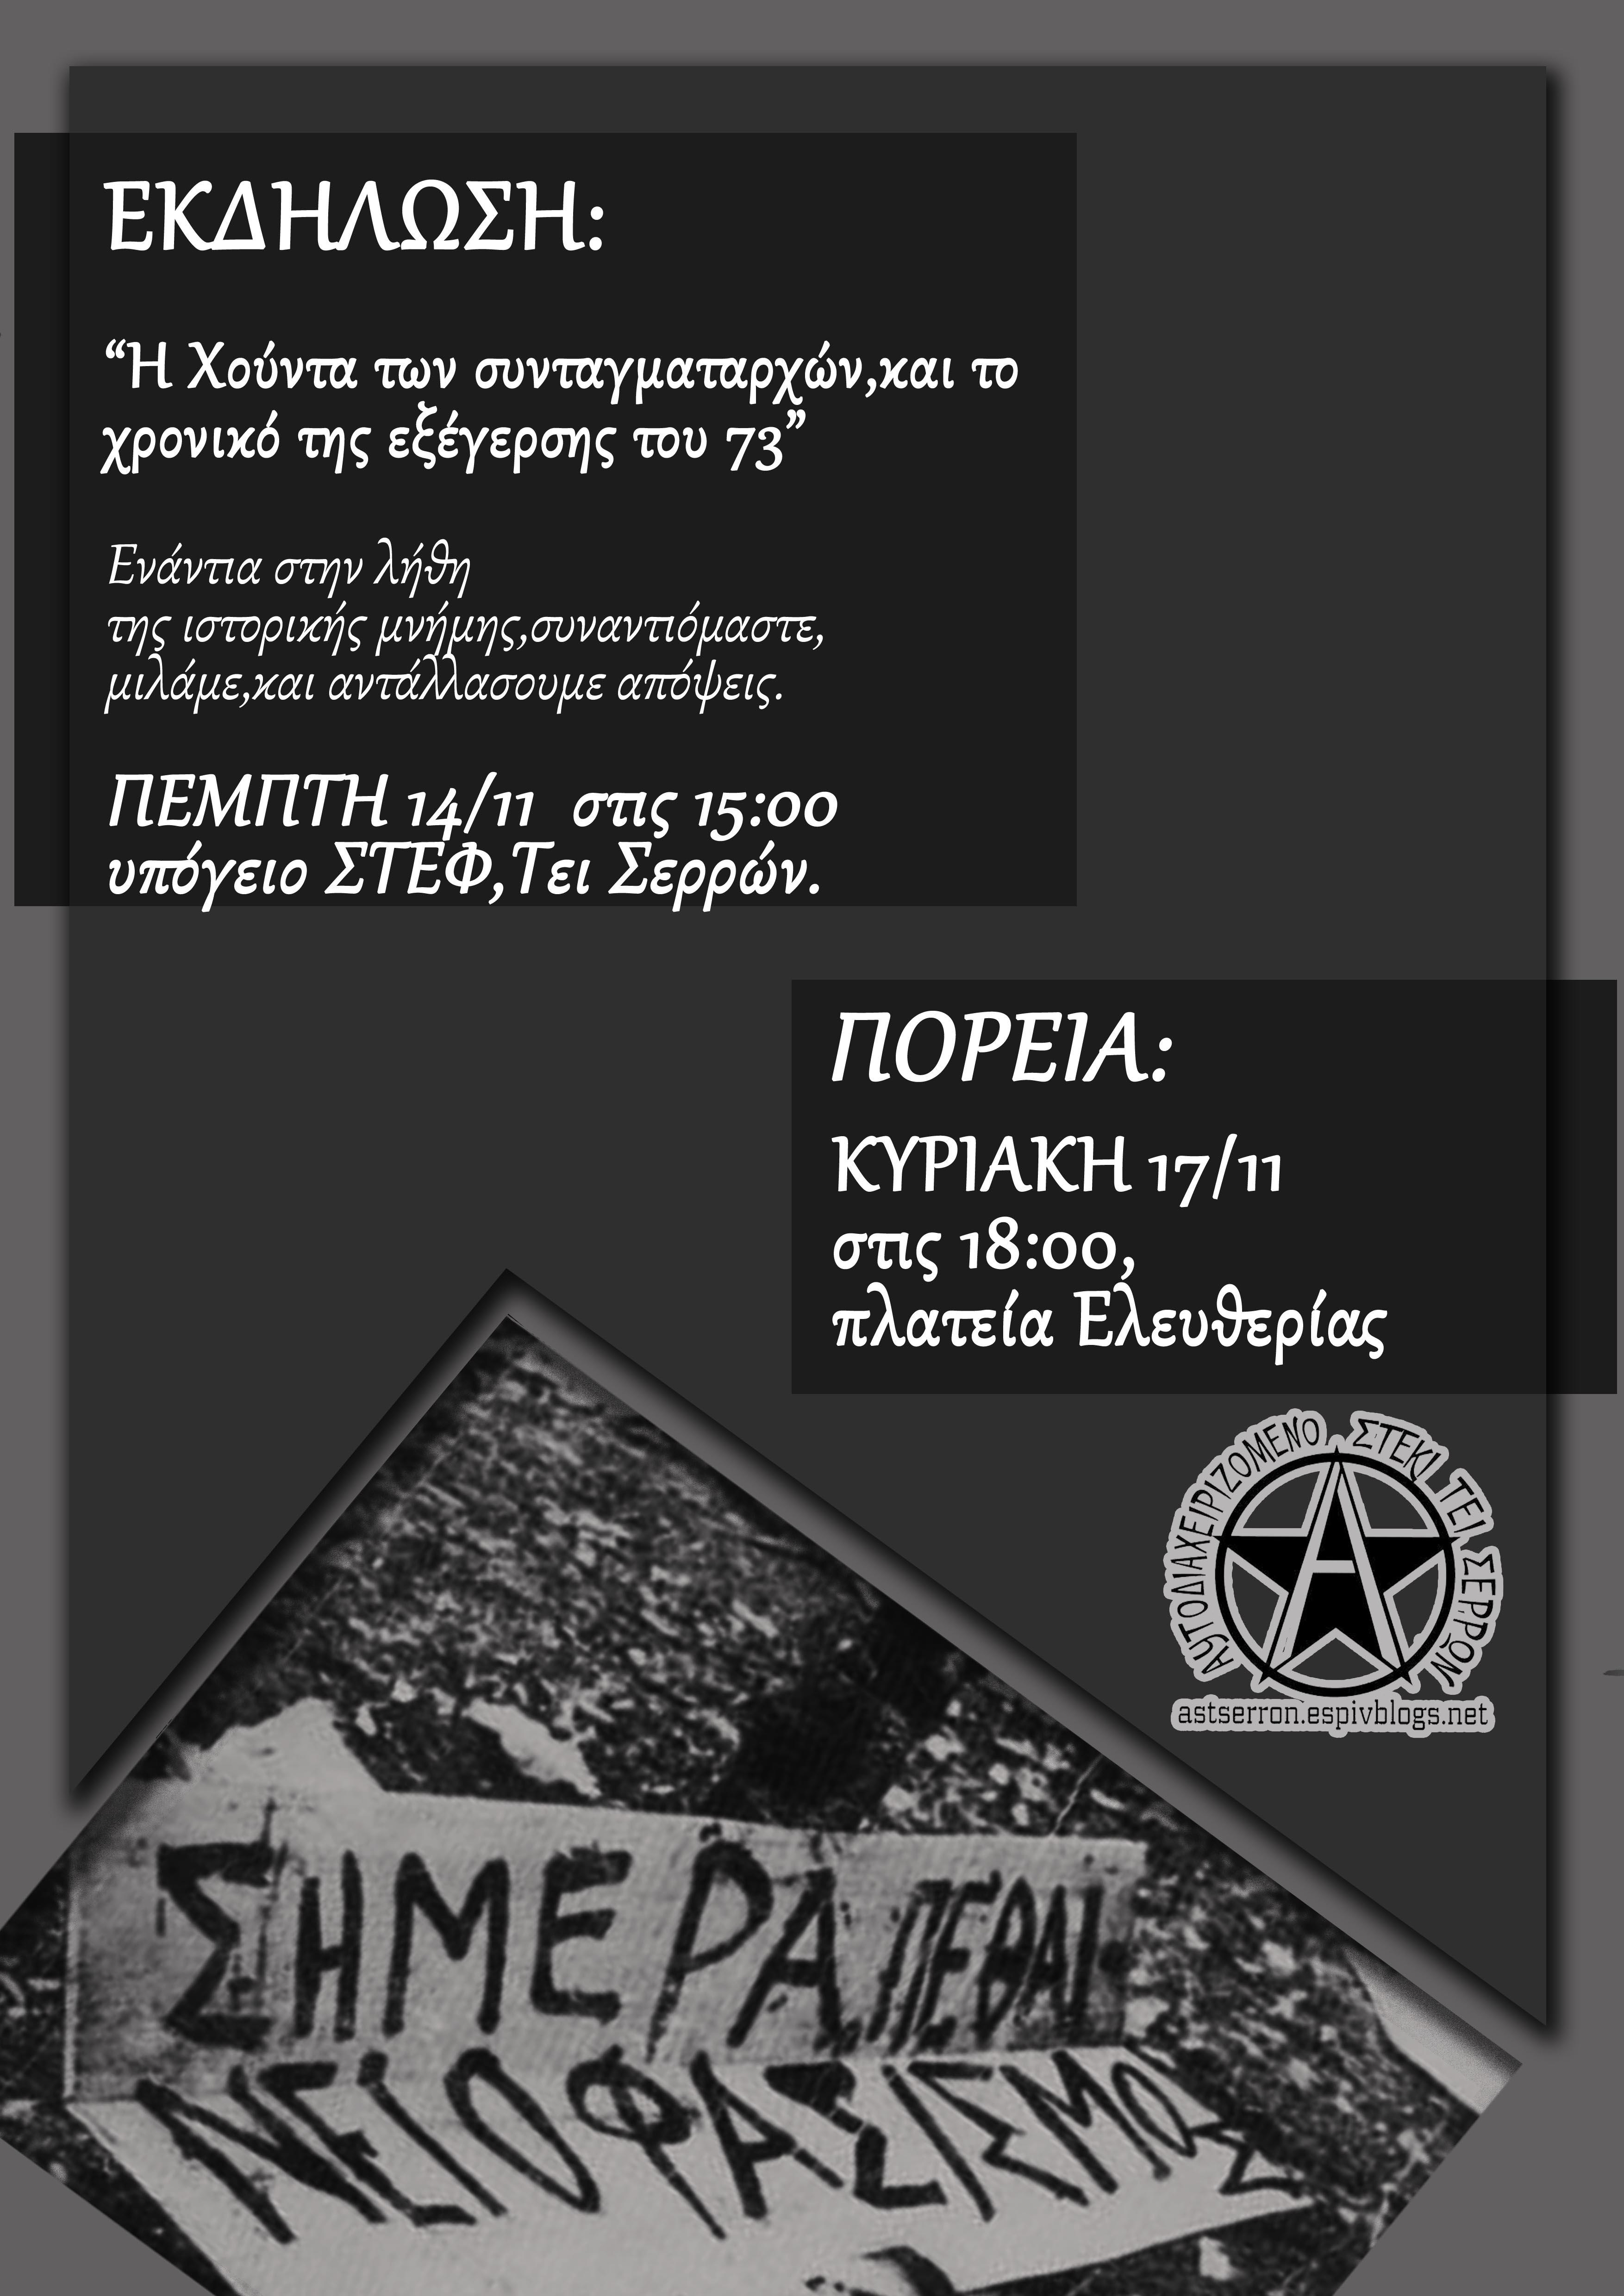 Ekdilosi-Poreia 17-11-2013